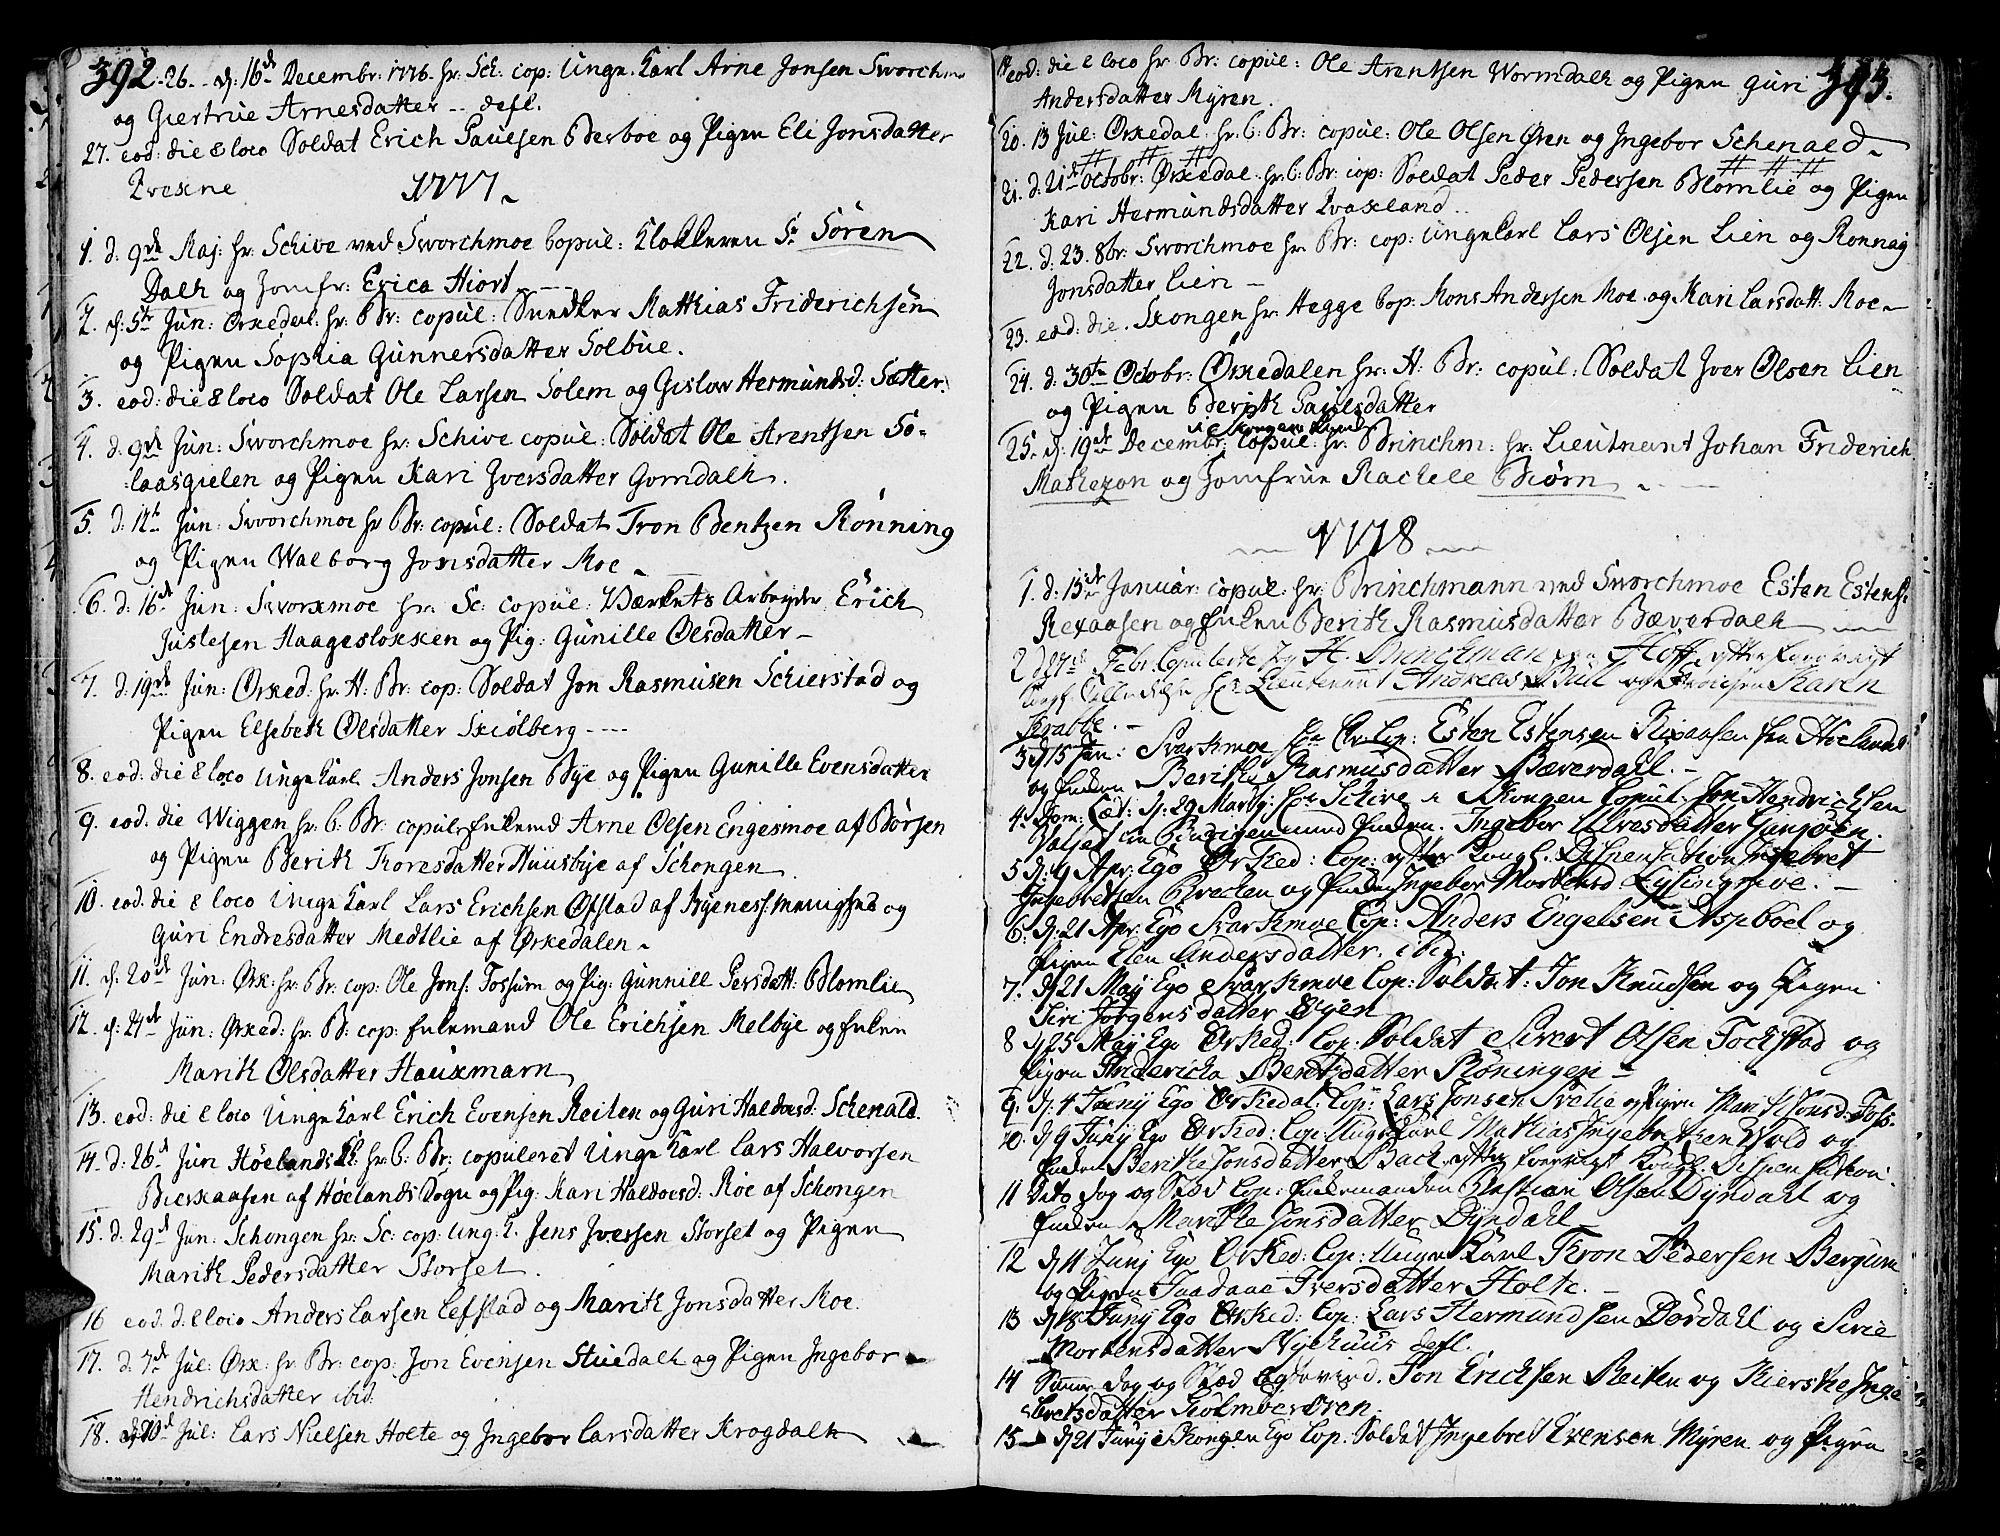 SAT, Ministerialprotokoller, klokkerbøker og fødselsregistre - Sør-Trøndelag, 668/L0802: Ministerialbok nr. 668A02, 1776-1799, s. 392-393